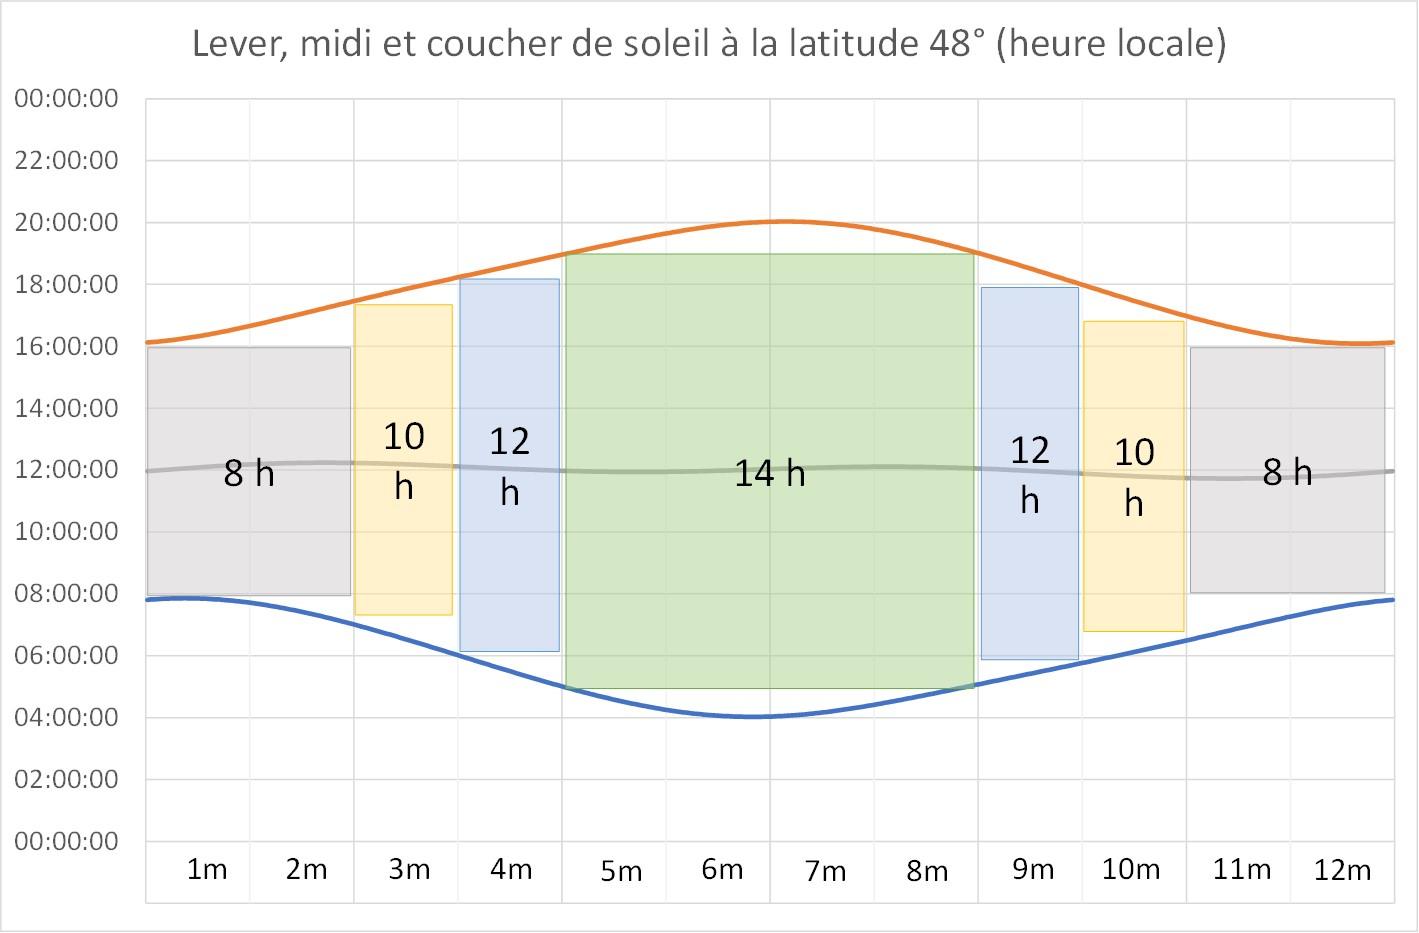 Heure locale du lever, du midi et du coucher du soleil selon les mois